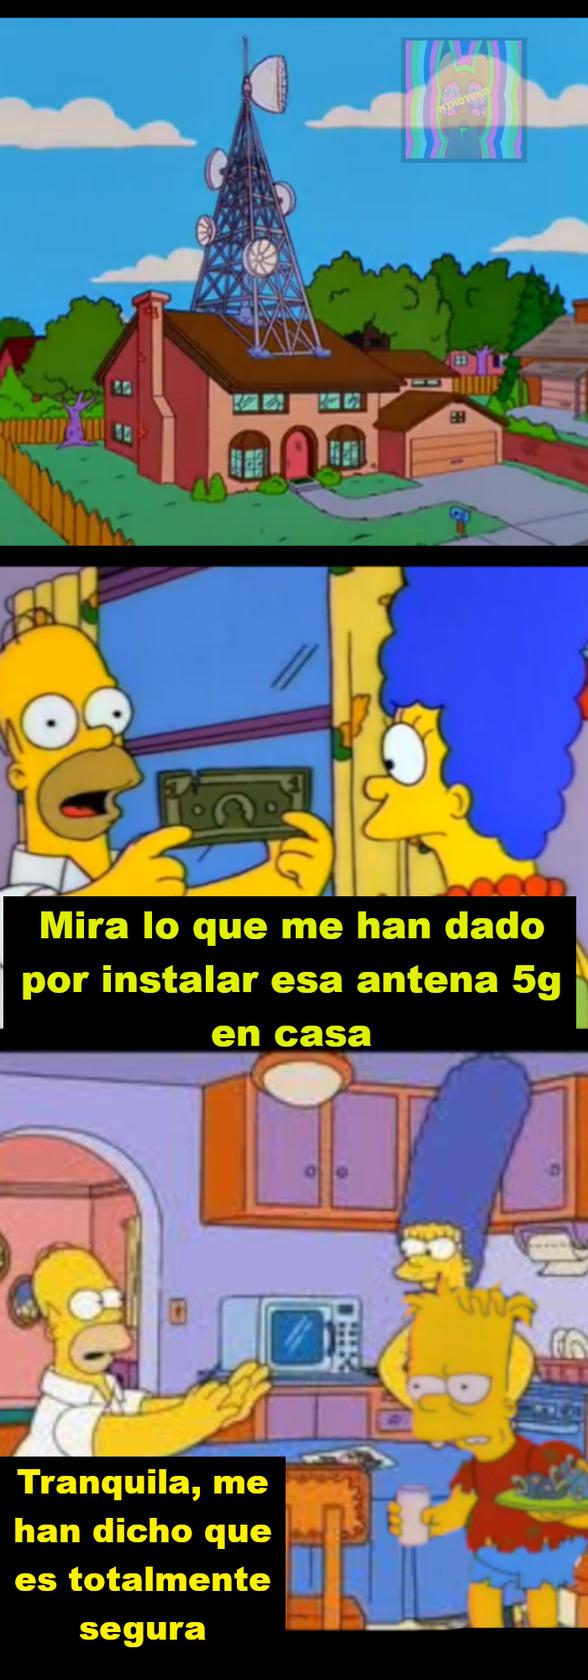 El 5G es inofensivo decian... - meme